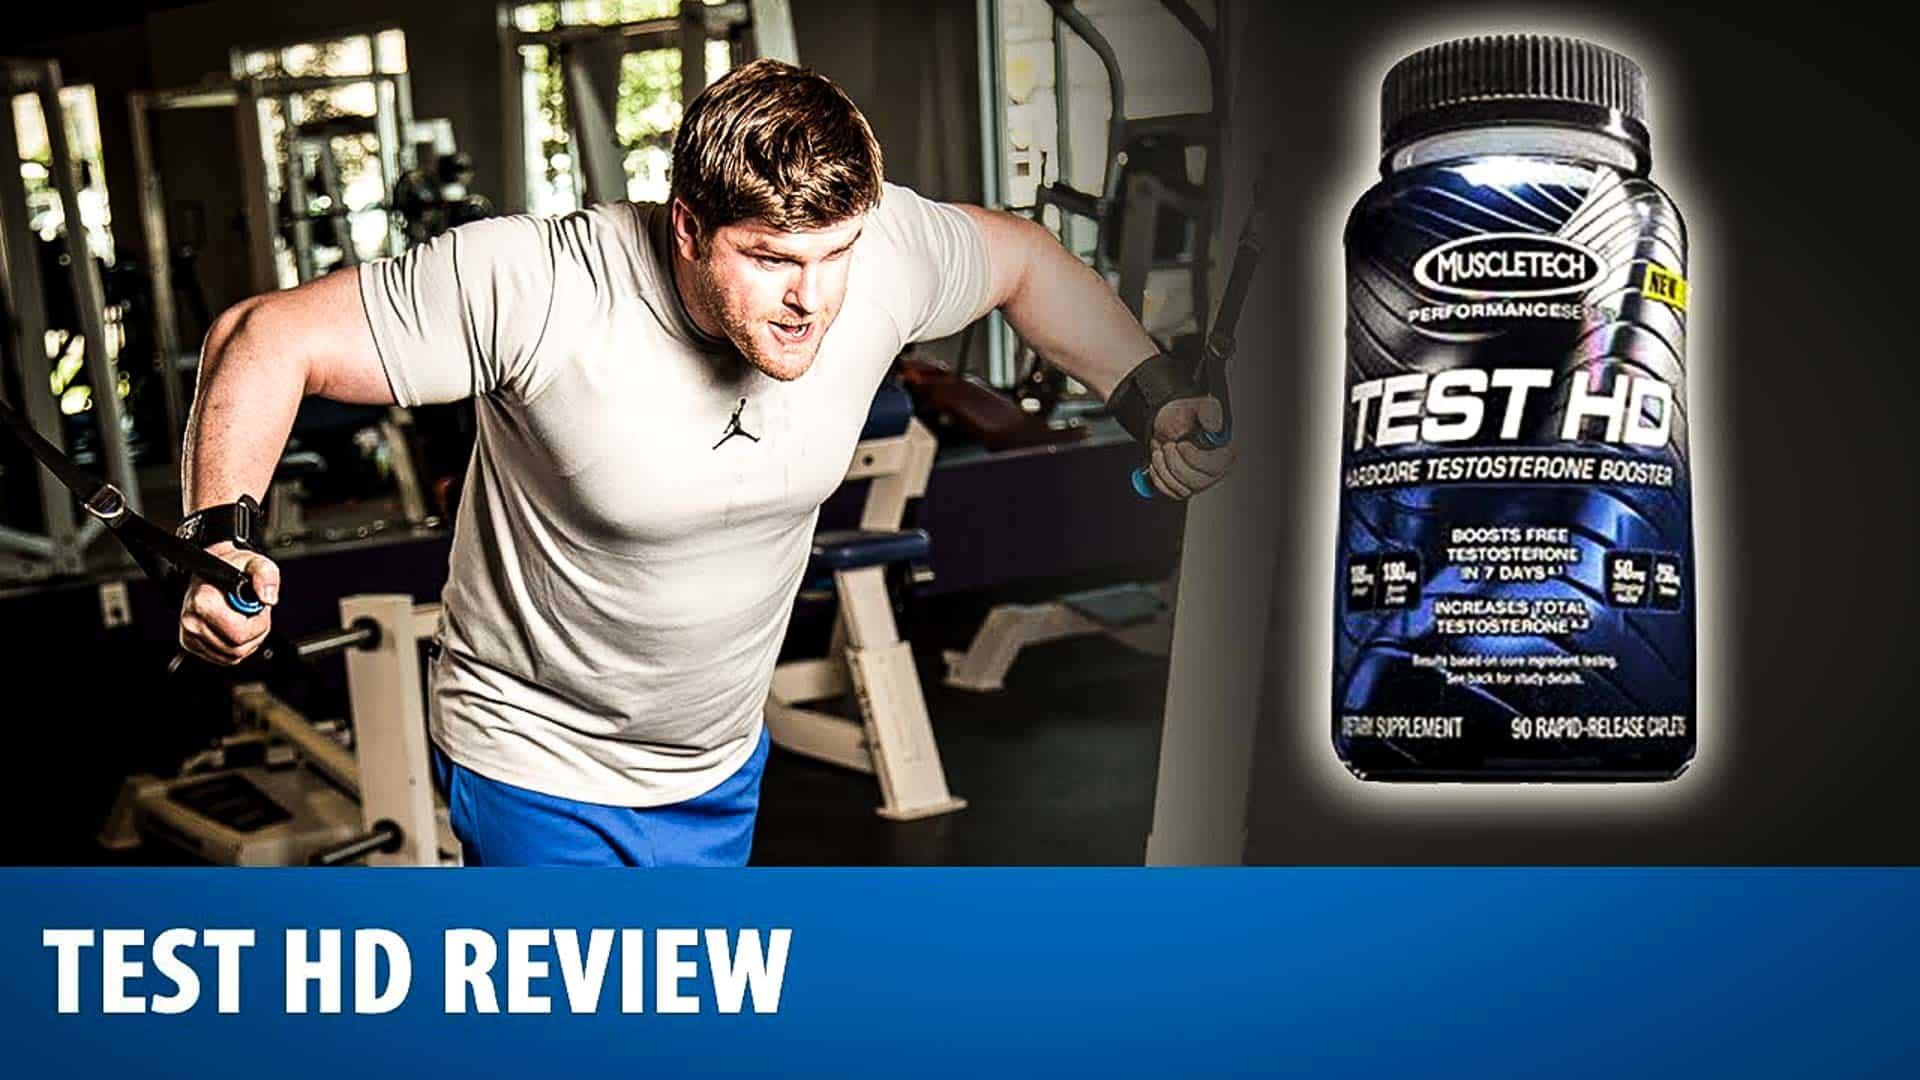 MuscleTech Testosterone Booster muscletech supplement